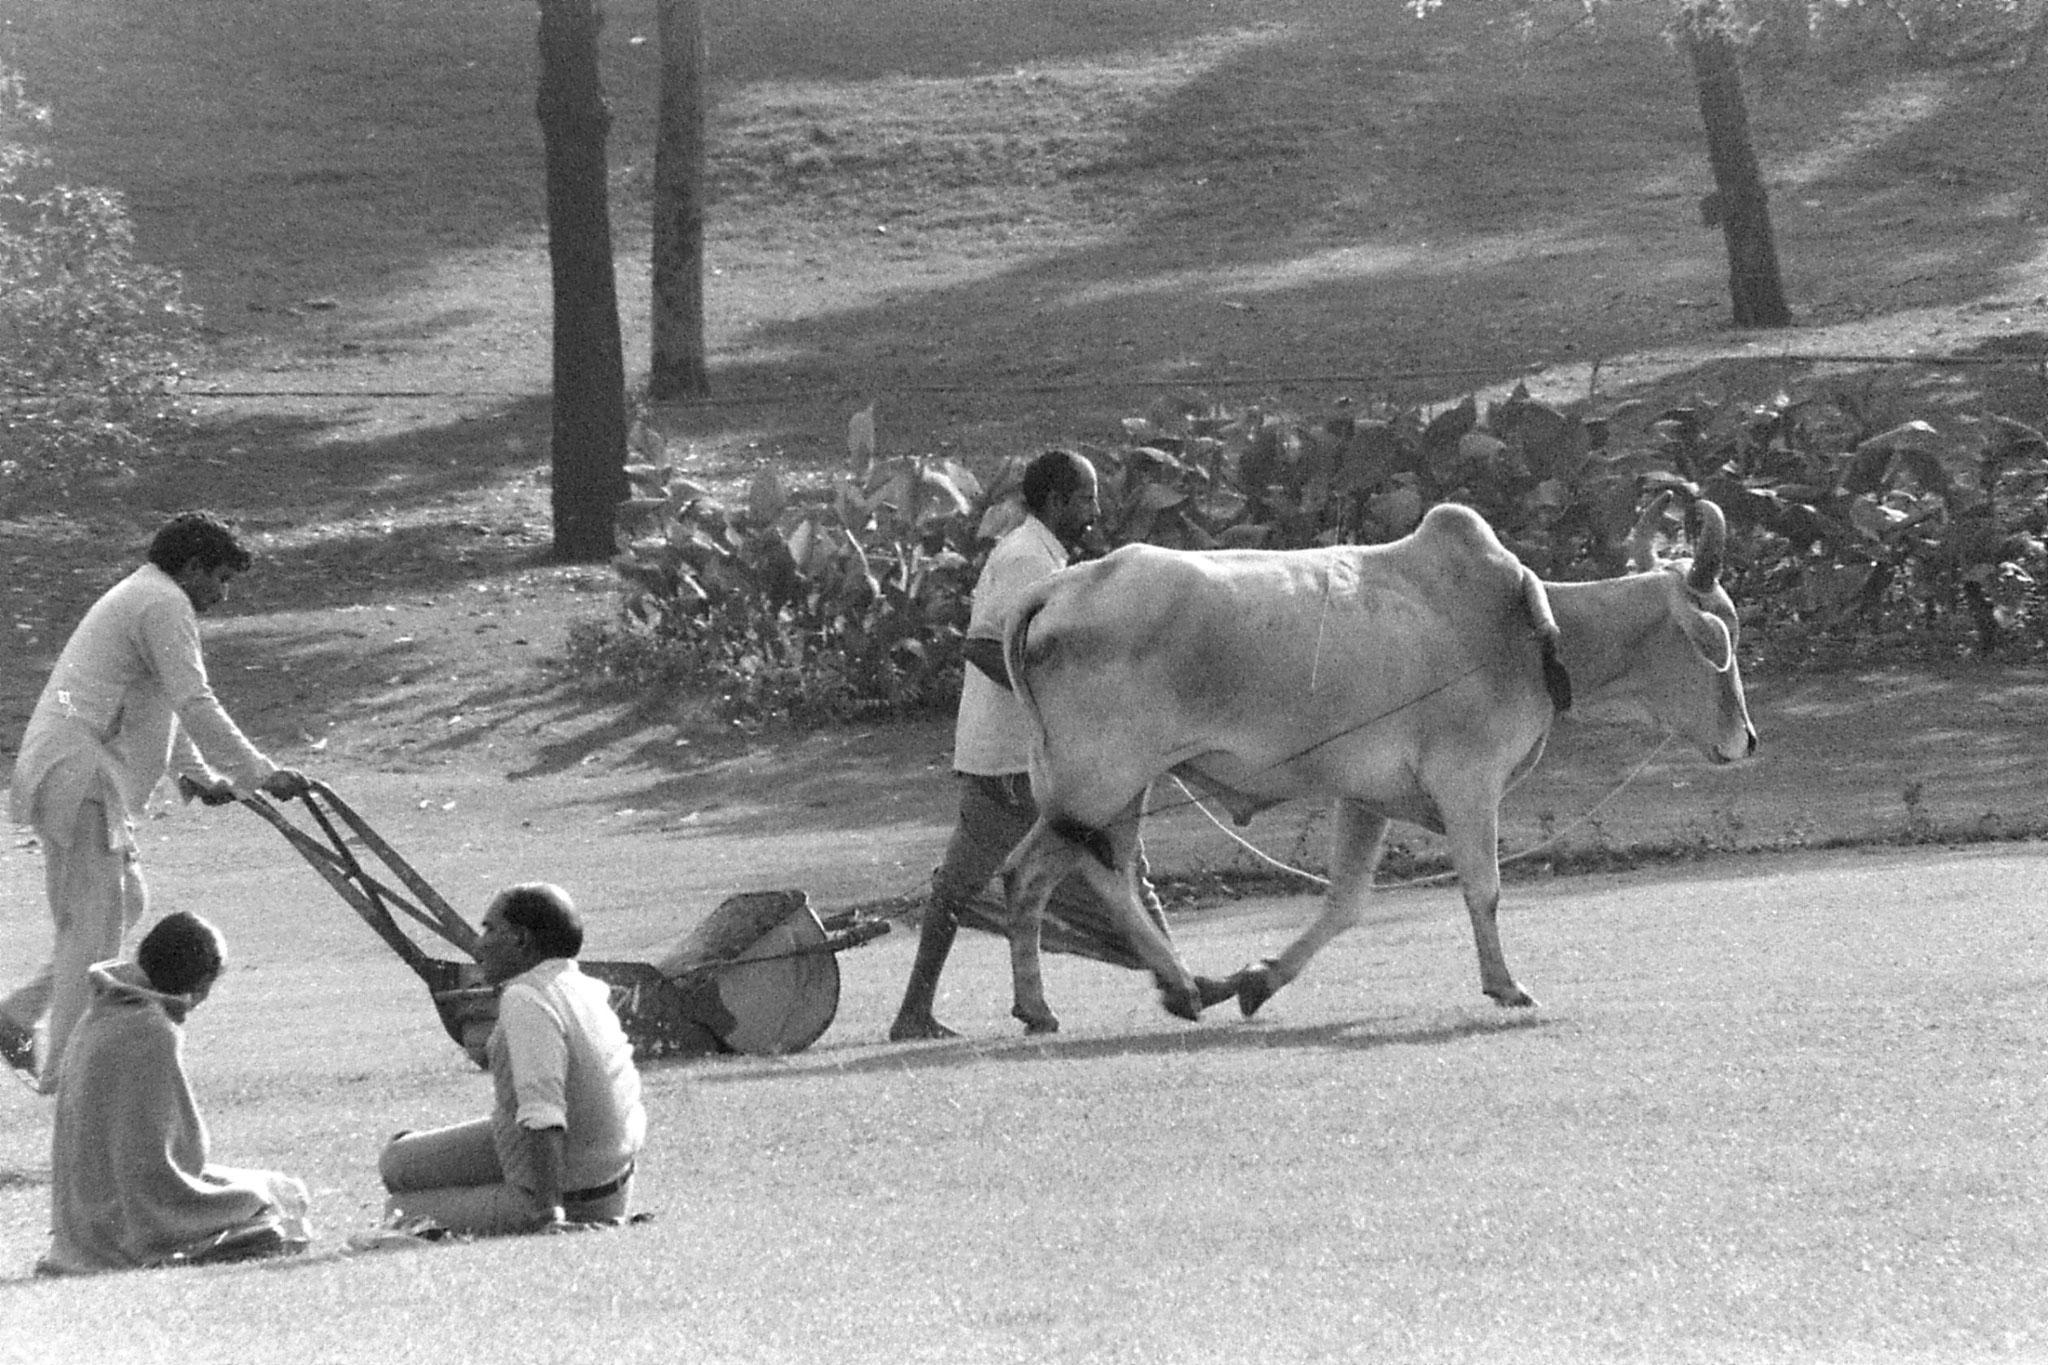 24/11/1989: 18: New Delhi Raj Ghat bullock lawn mower